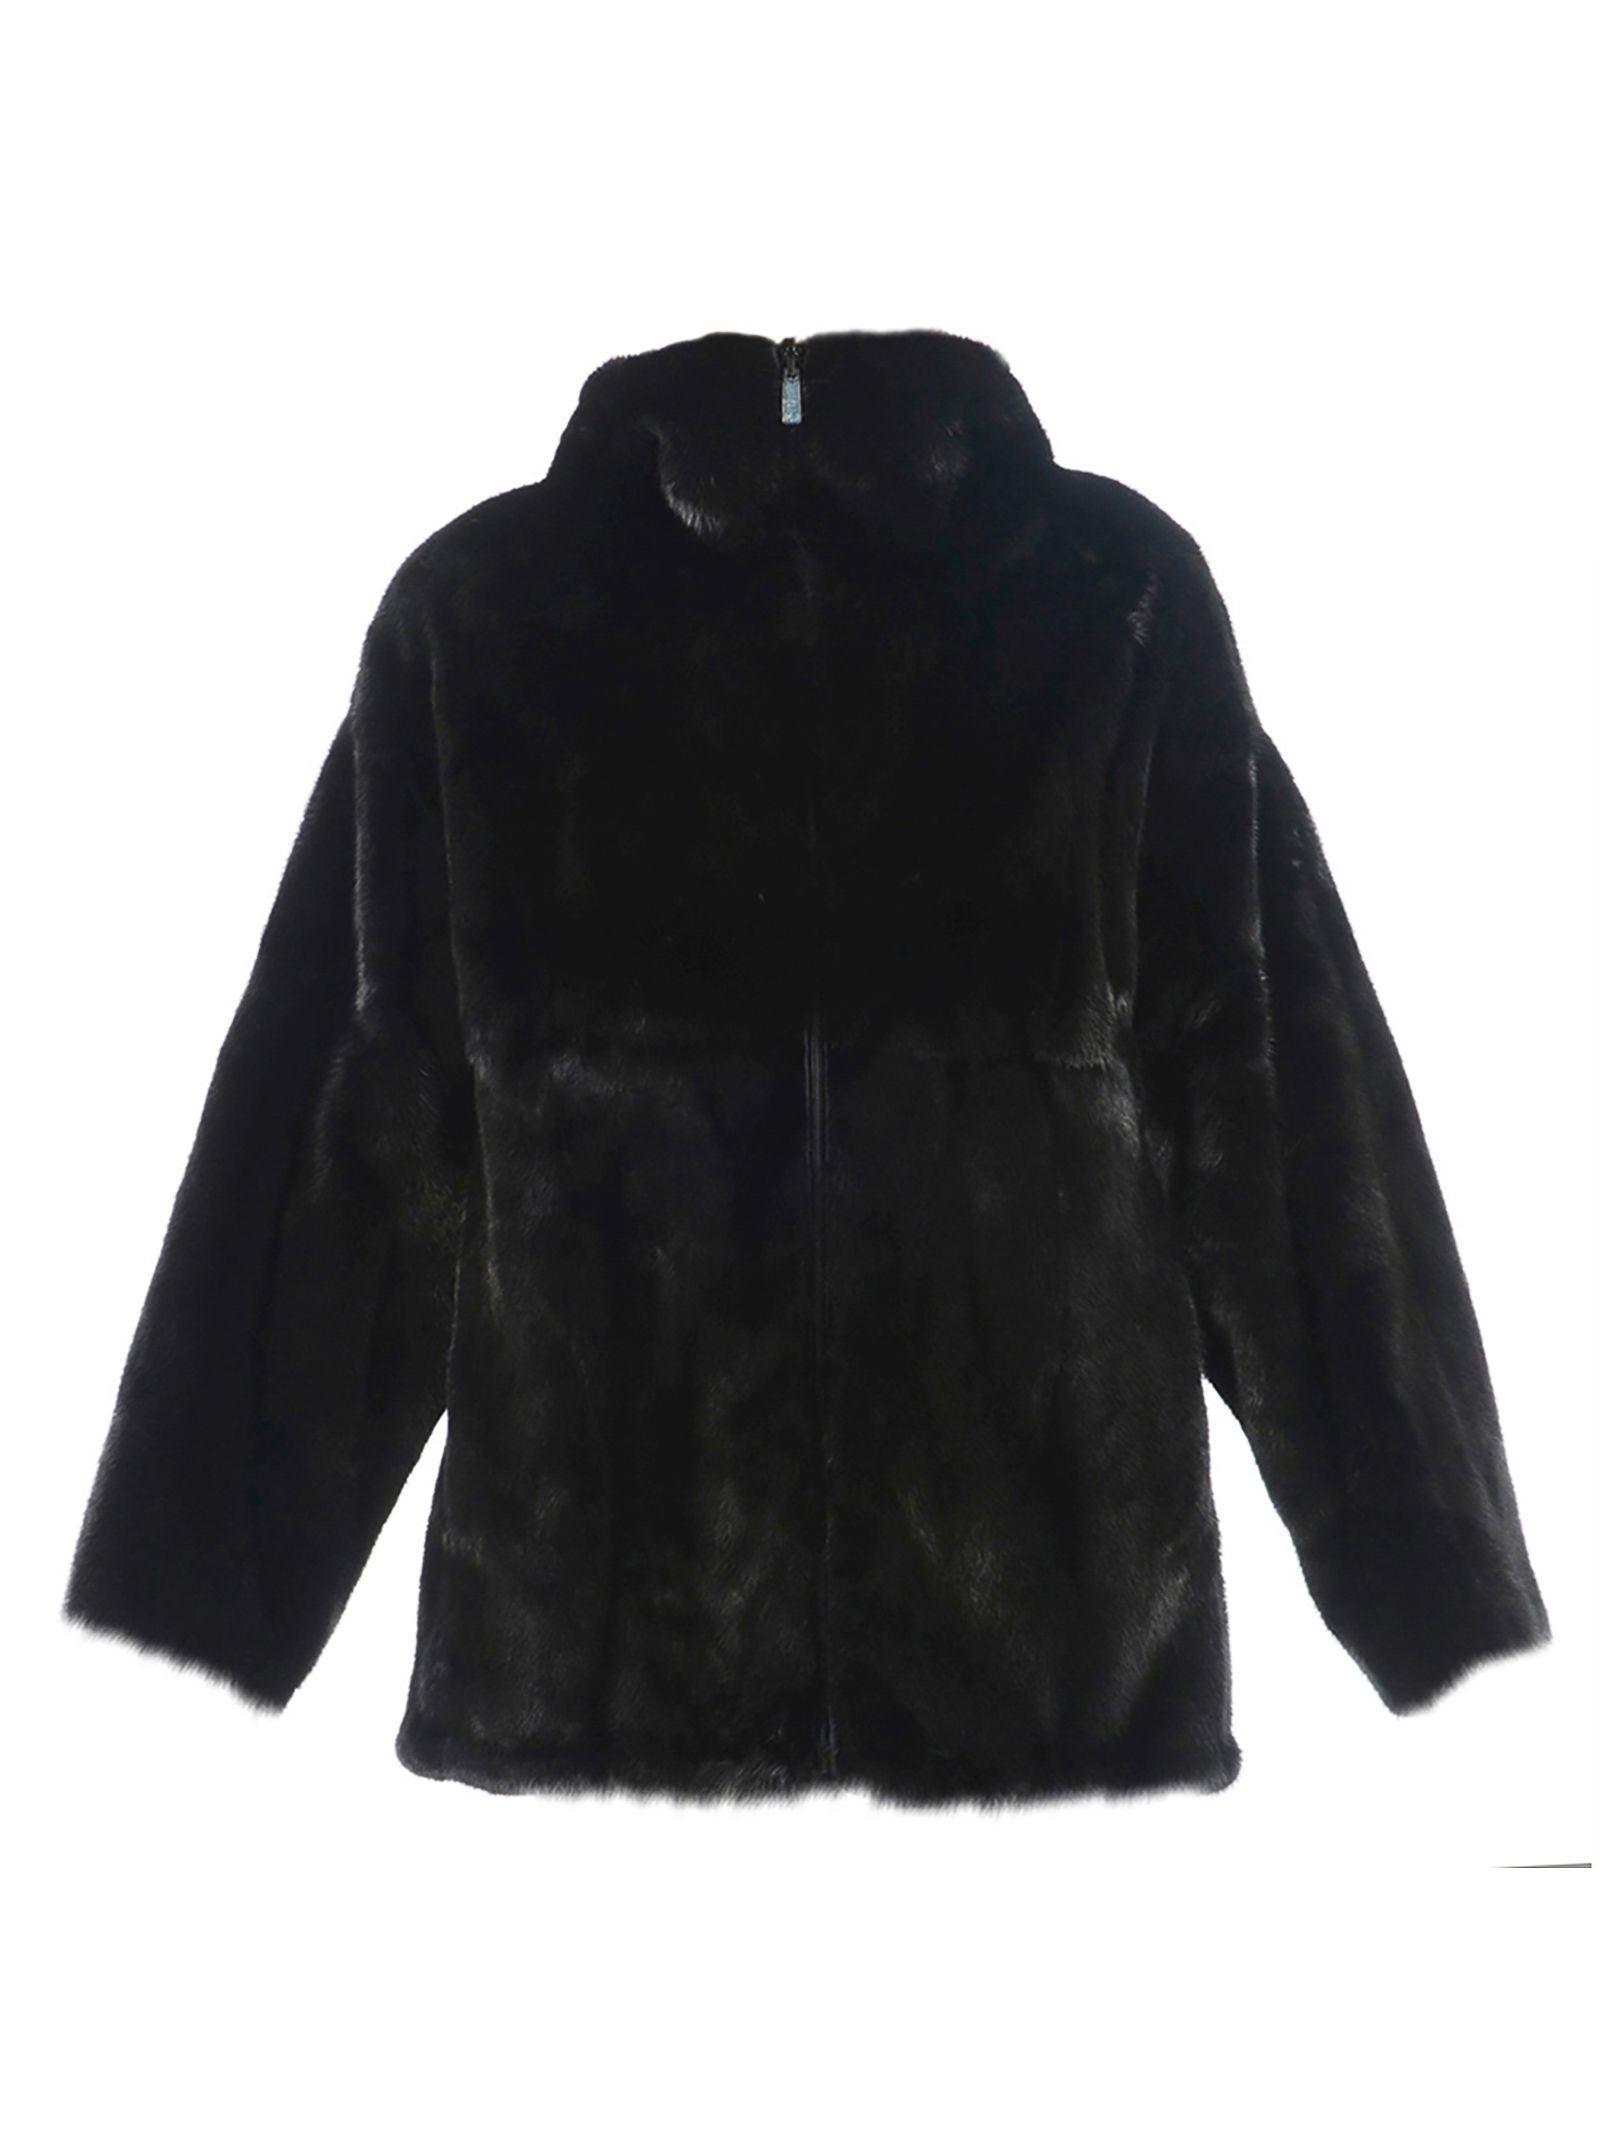 Prada Fur Coat In Black